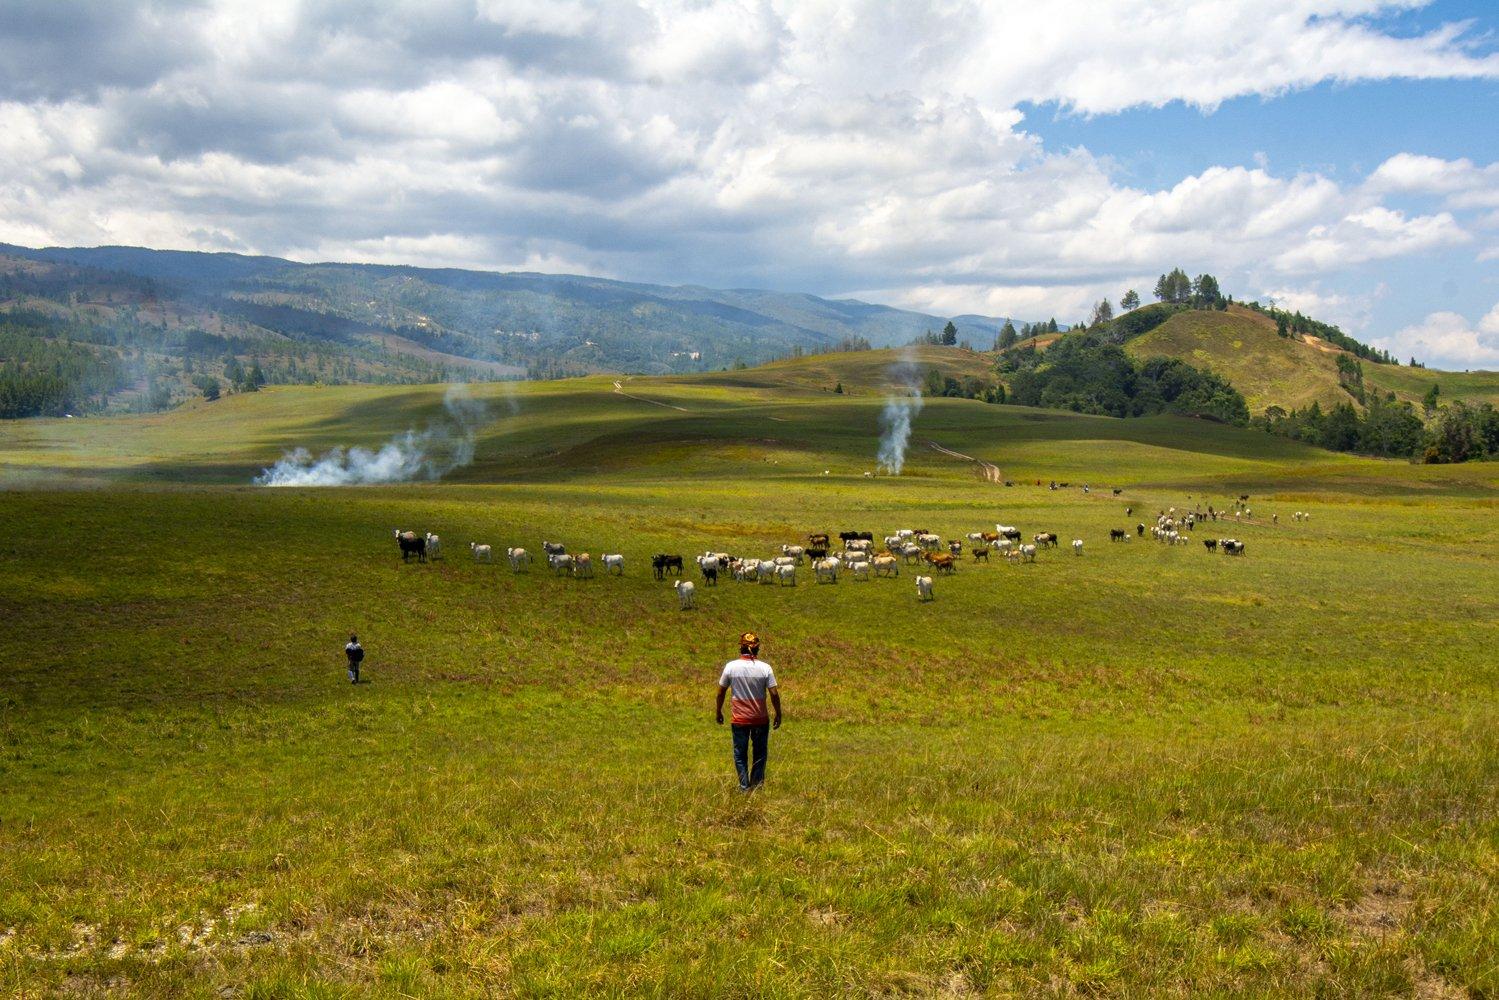 Suasana peternakan leluhur seluas 2.500 hektare di Desa Winowanga, Lore Timur, Poso, Sulawesi Tengah.